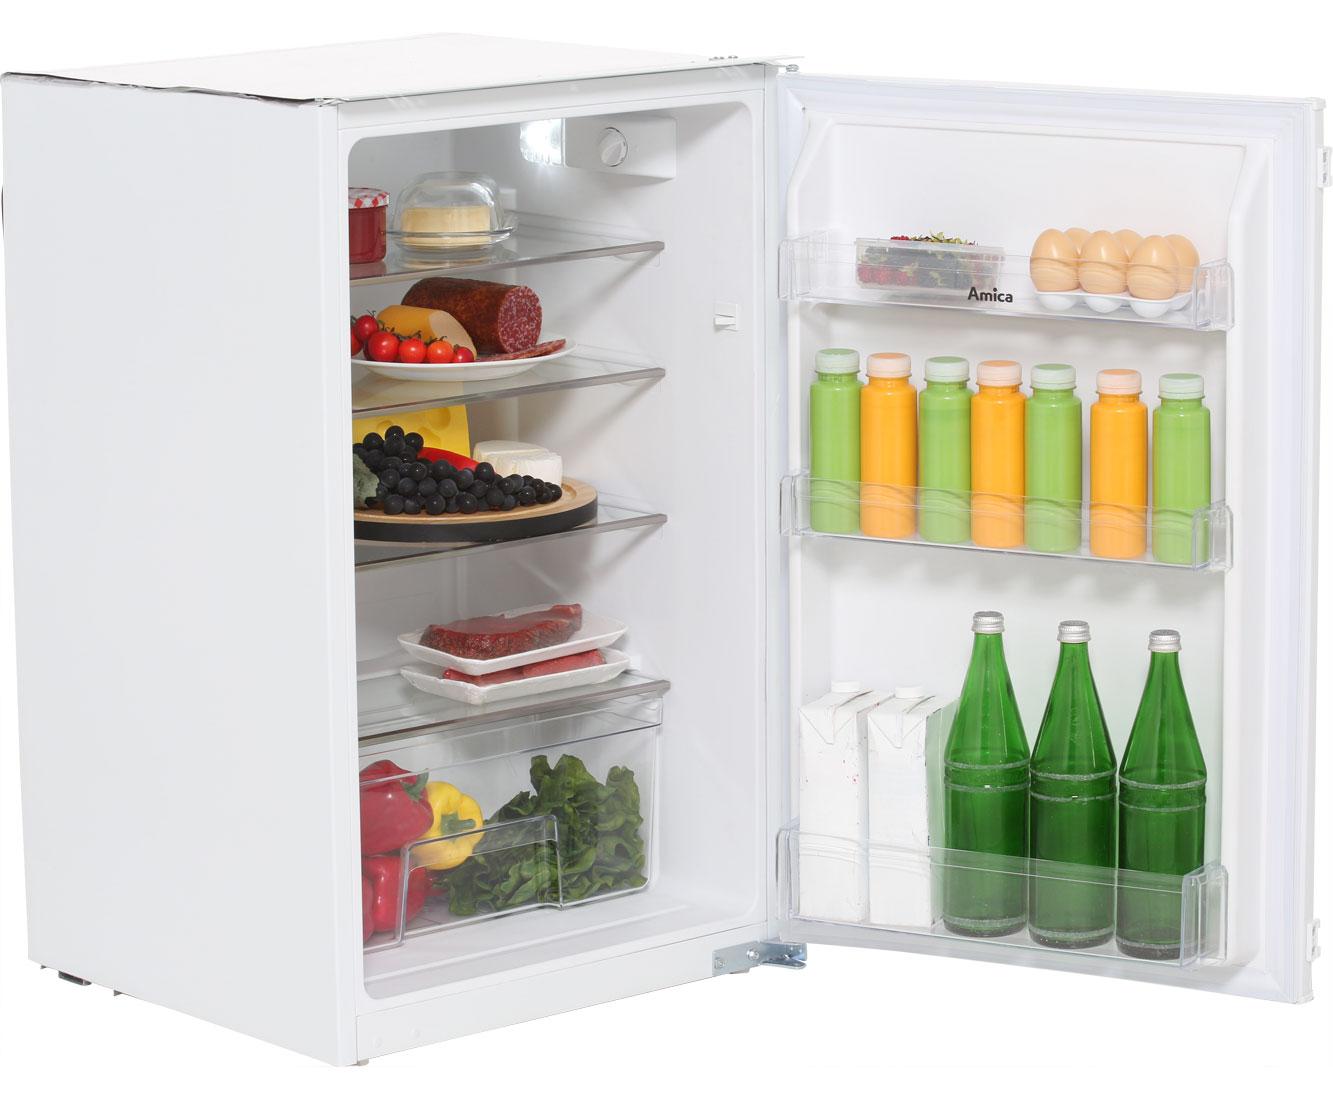 Bomann Kühlschrank Lidl : Billige kühlschränke kühlschrank test die besten modelle für 2018